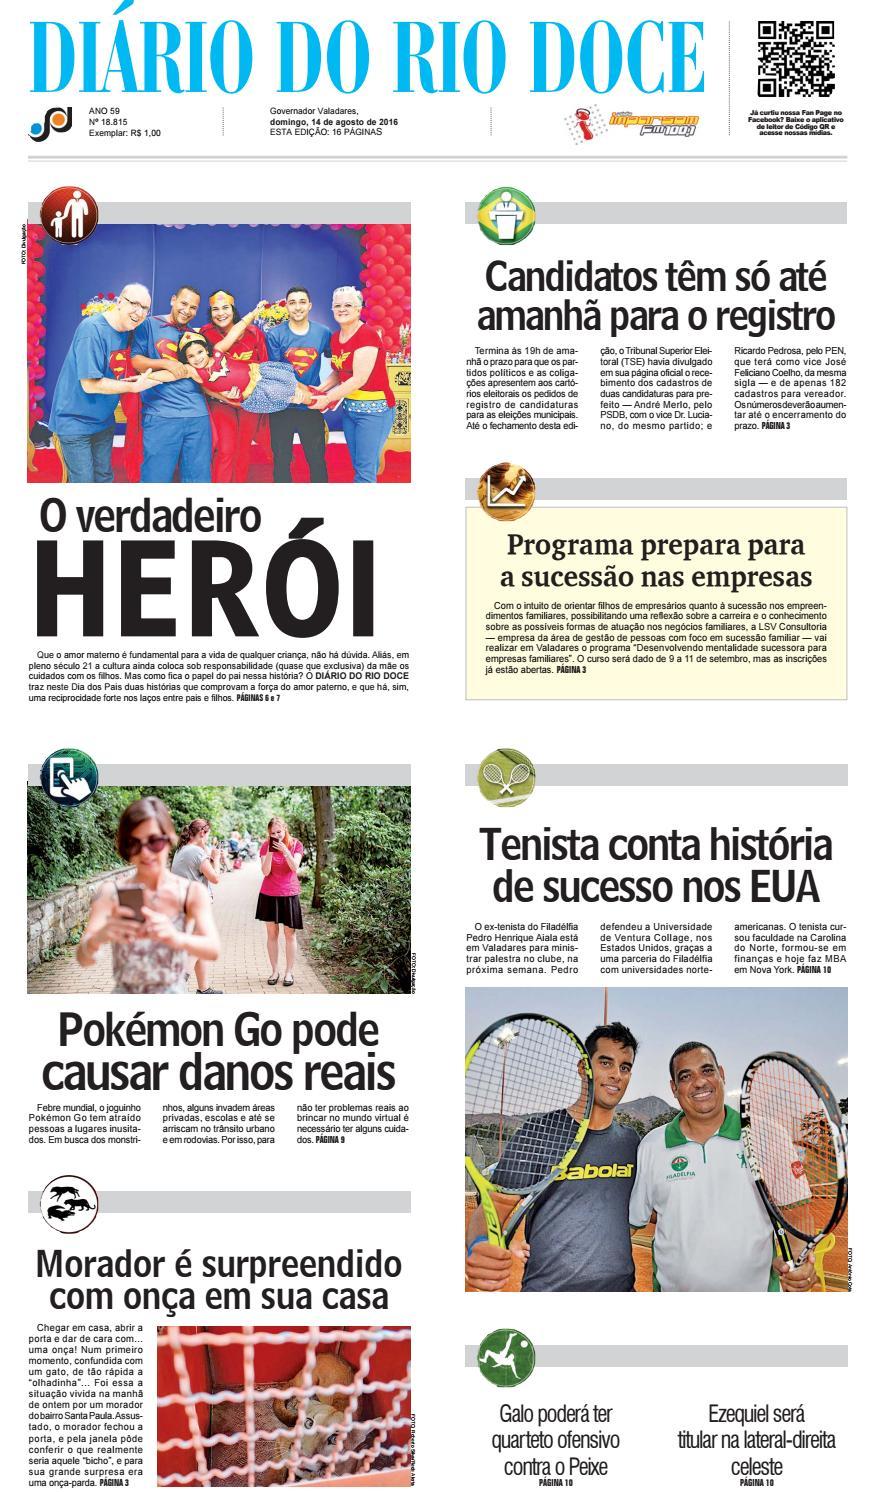 6aec686ff59 Diário do Rio Doce - Edição de 14 08 2016 by Diário do Rio Doce - issuu